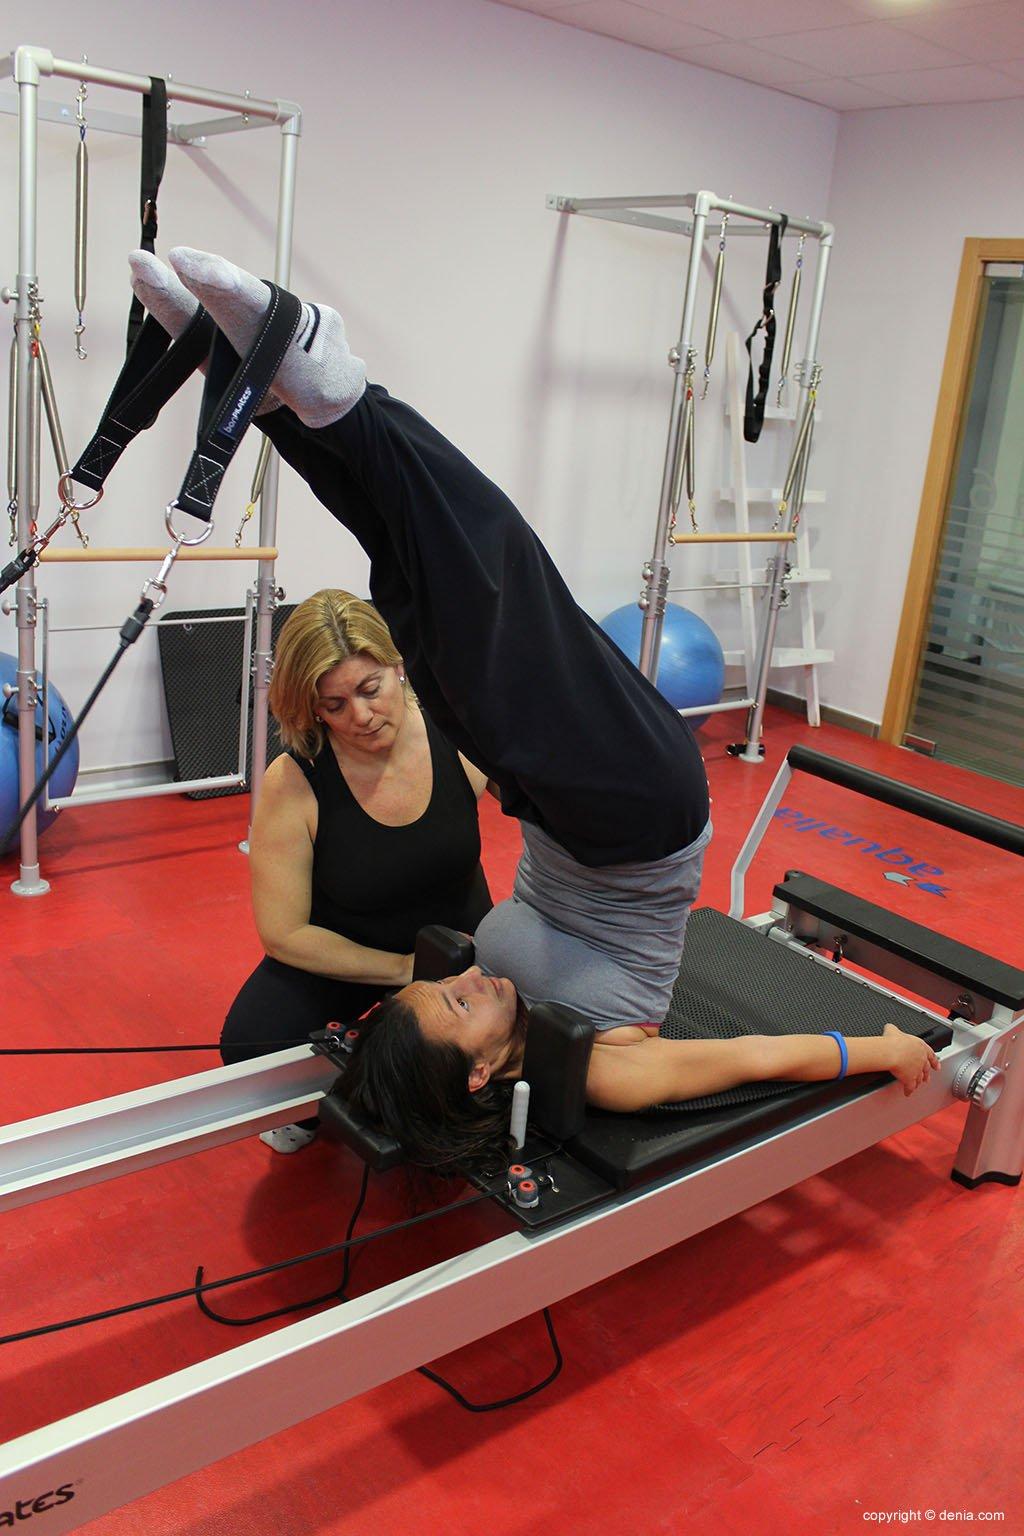 exercici amb màquina de pilates